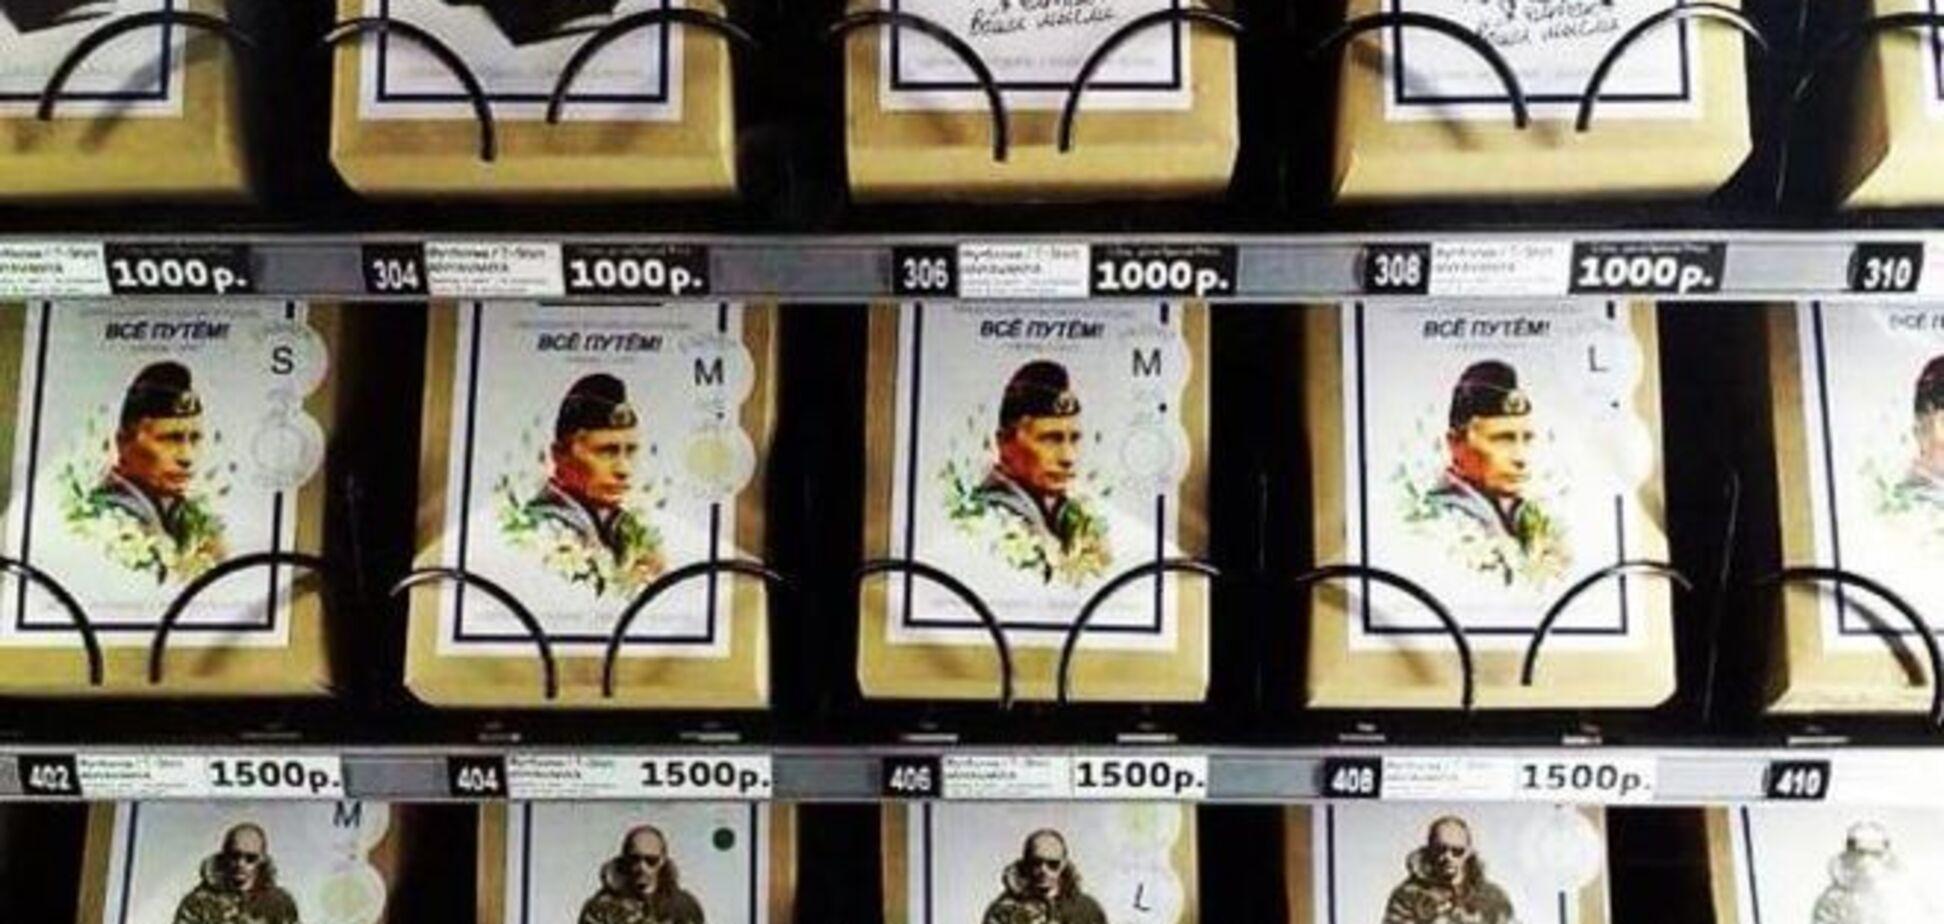 В Москве продают 'путинский кофе' со вкусом 'вежливых людей': фотофакт